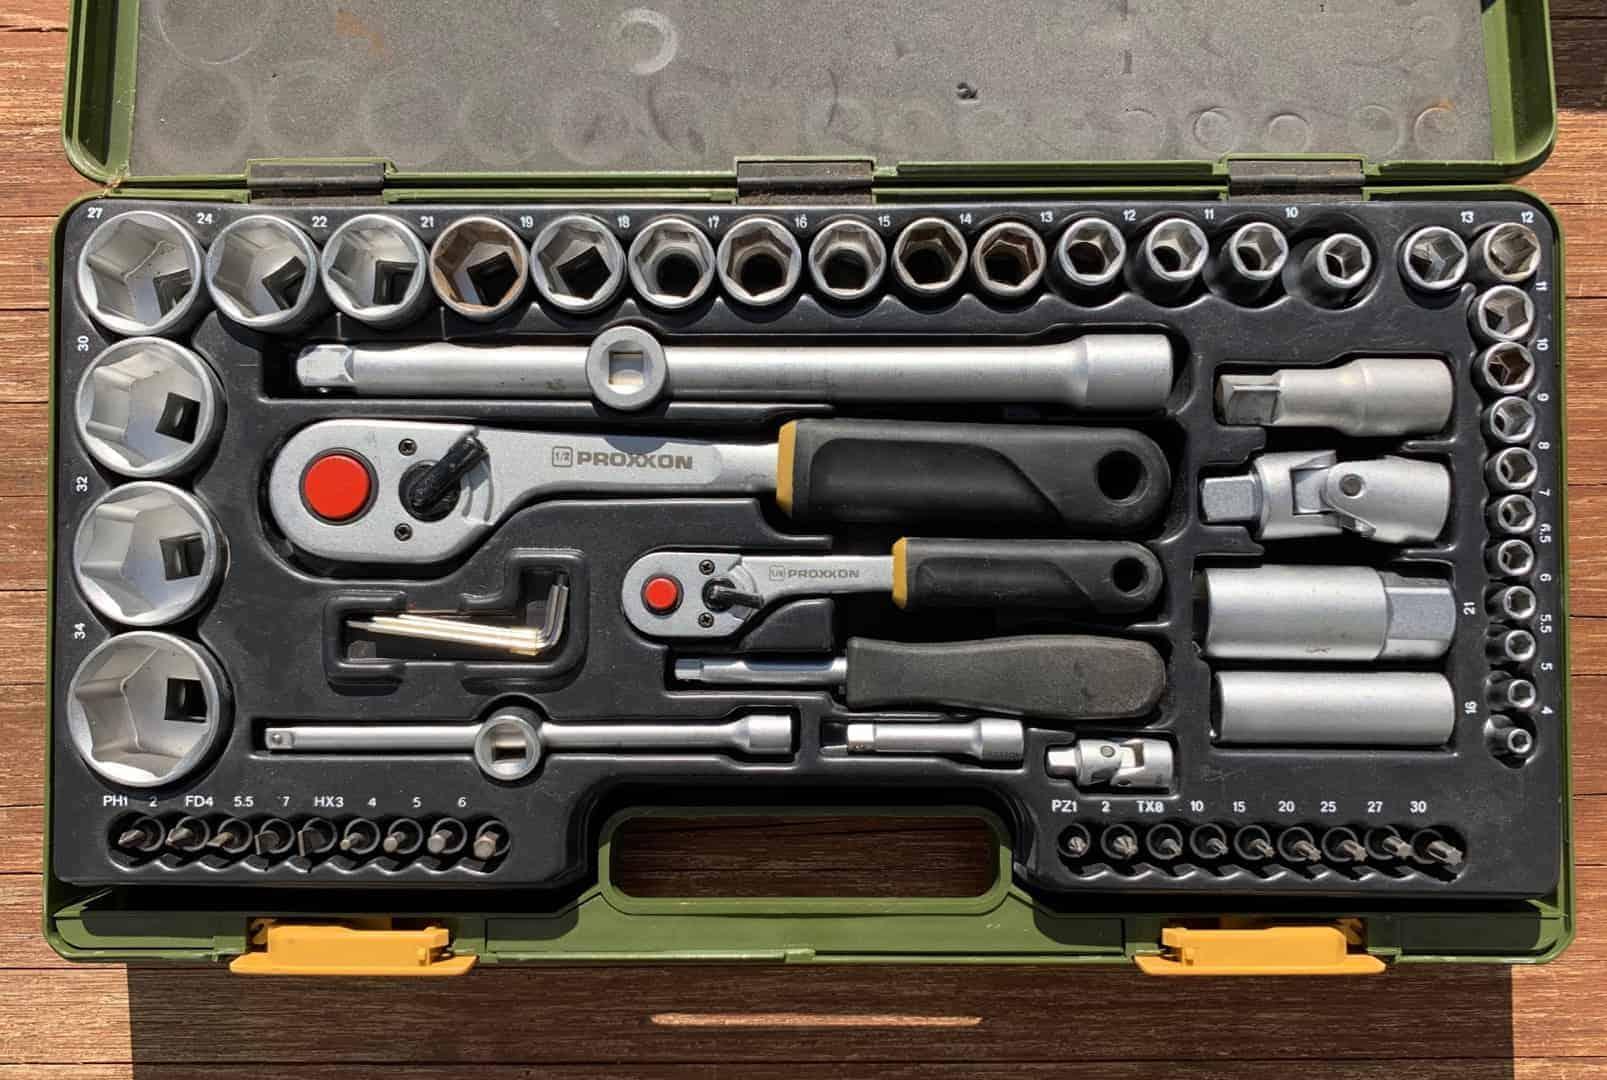 Werkzeug_Proxxon_23286-Steckschluesselsatz_mit_Knueppelratschen